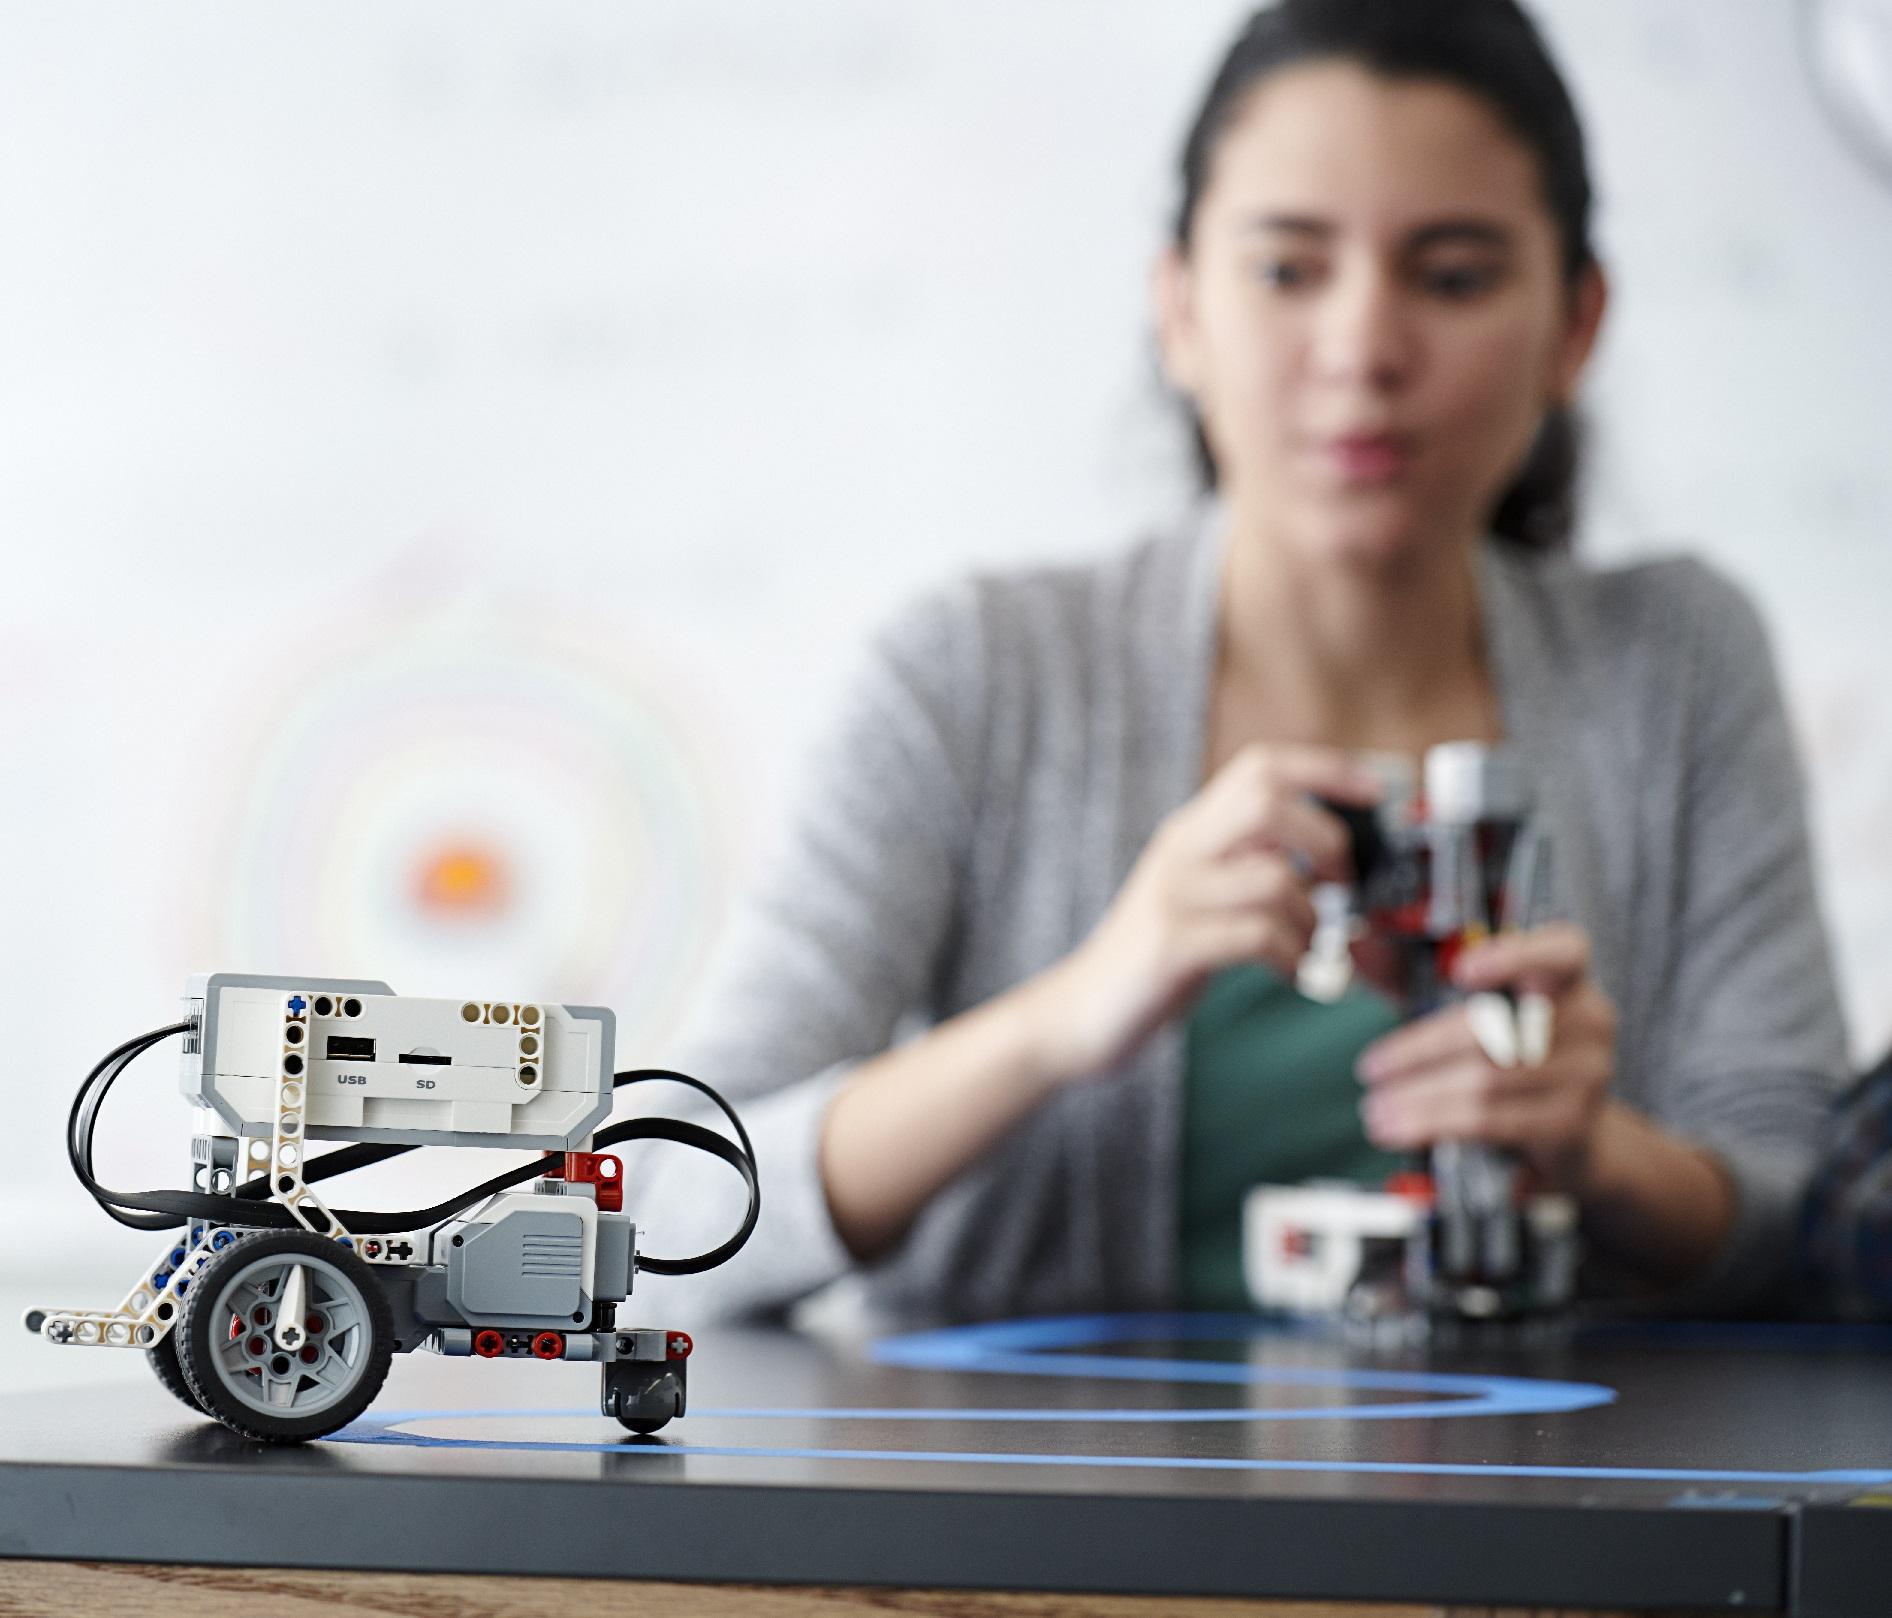 lego mindstorms education ev3 robotyka w szkole